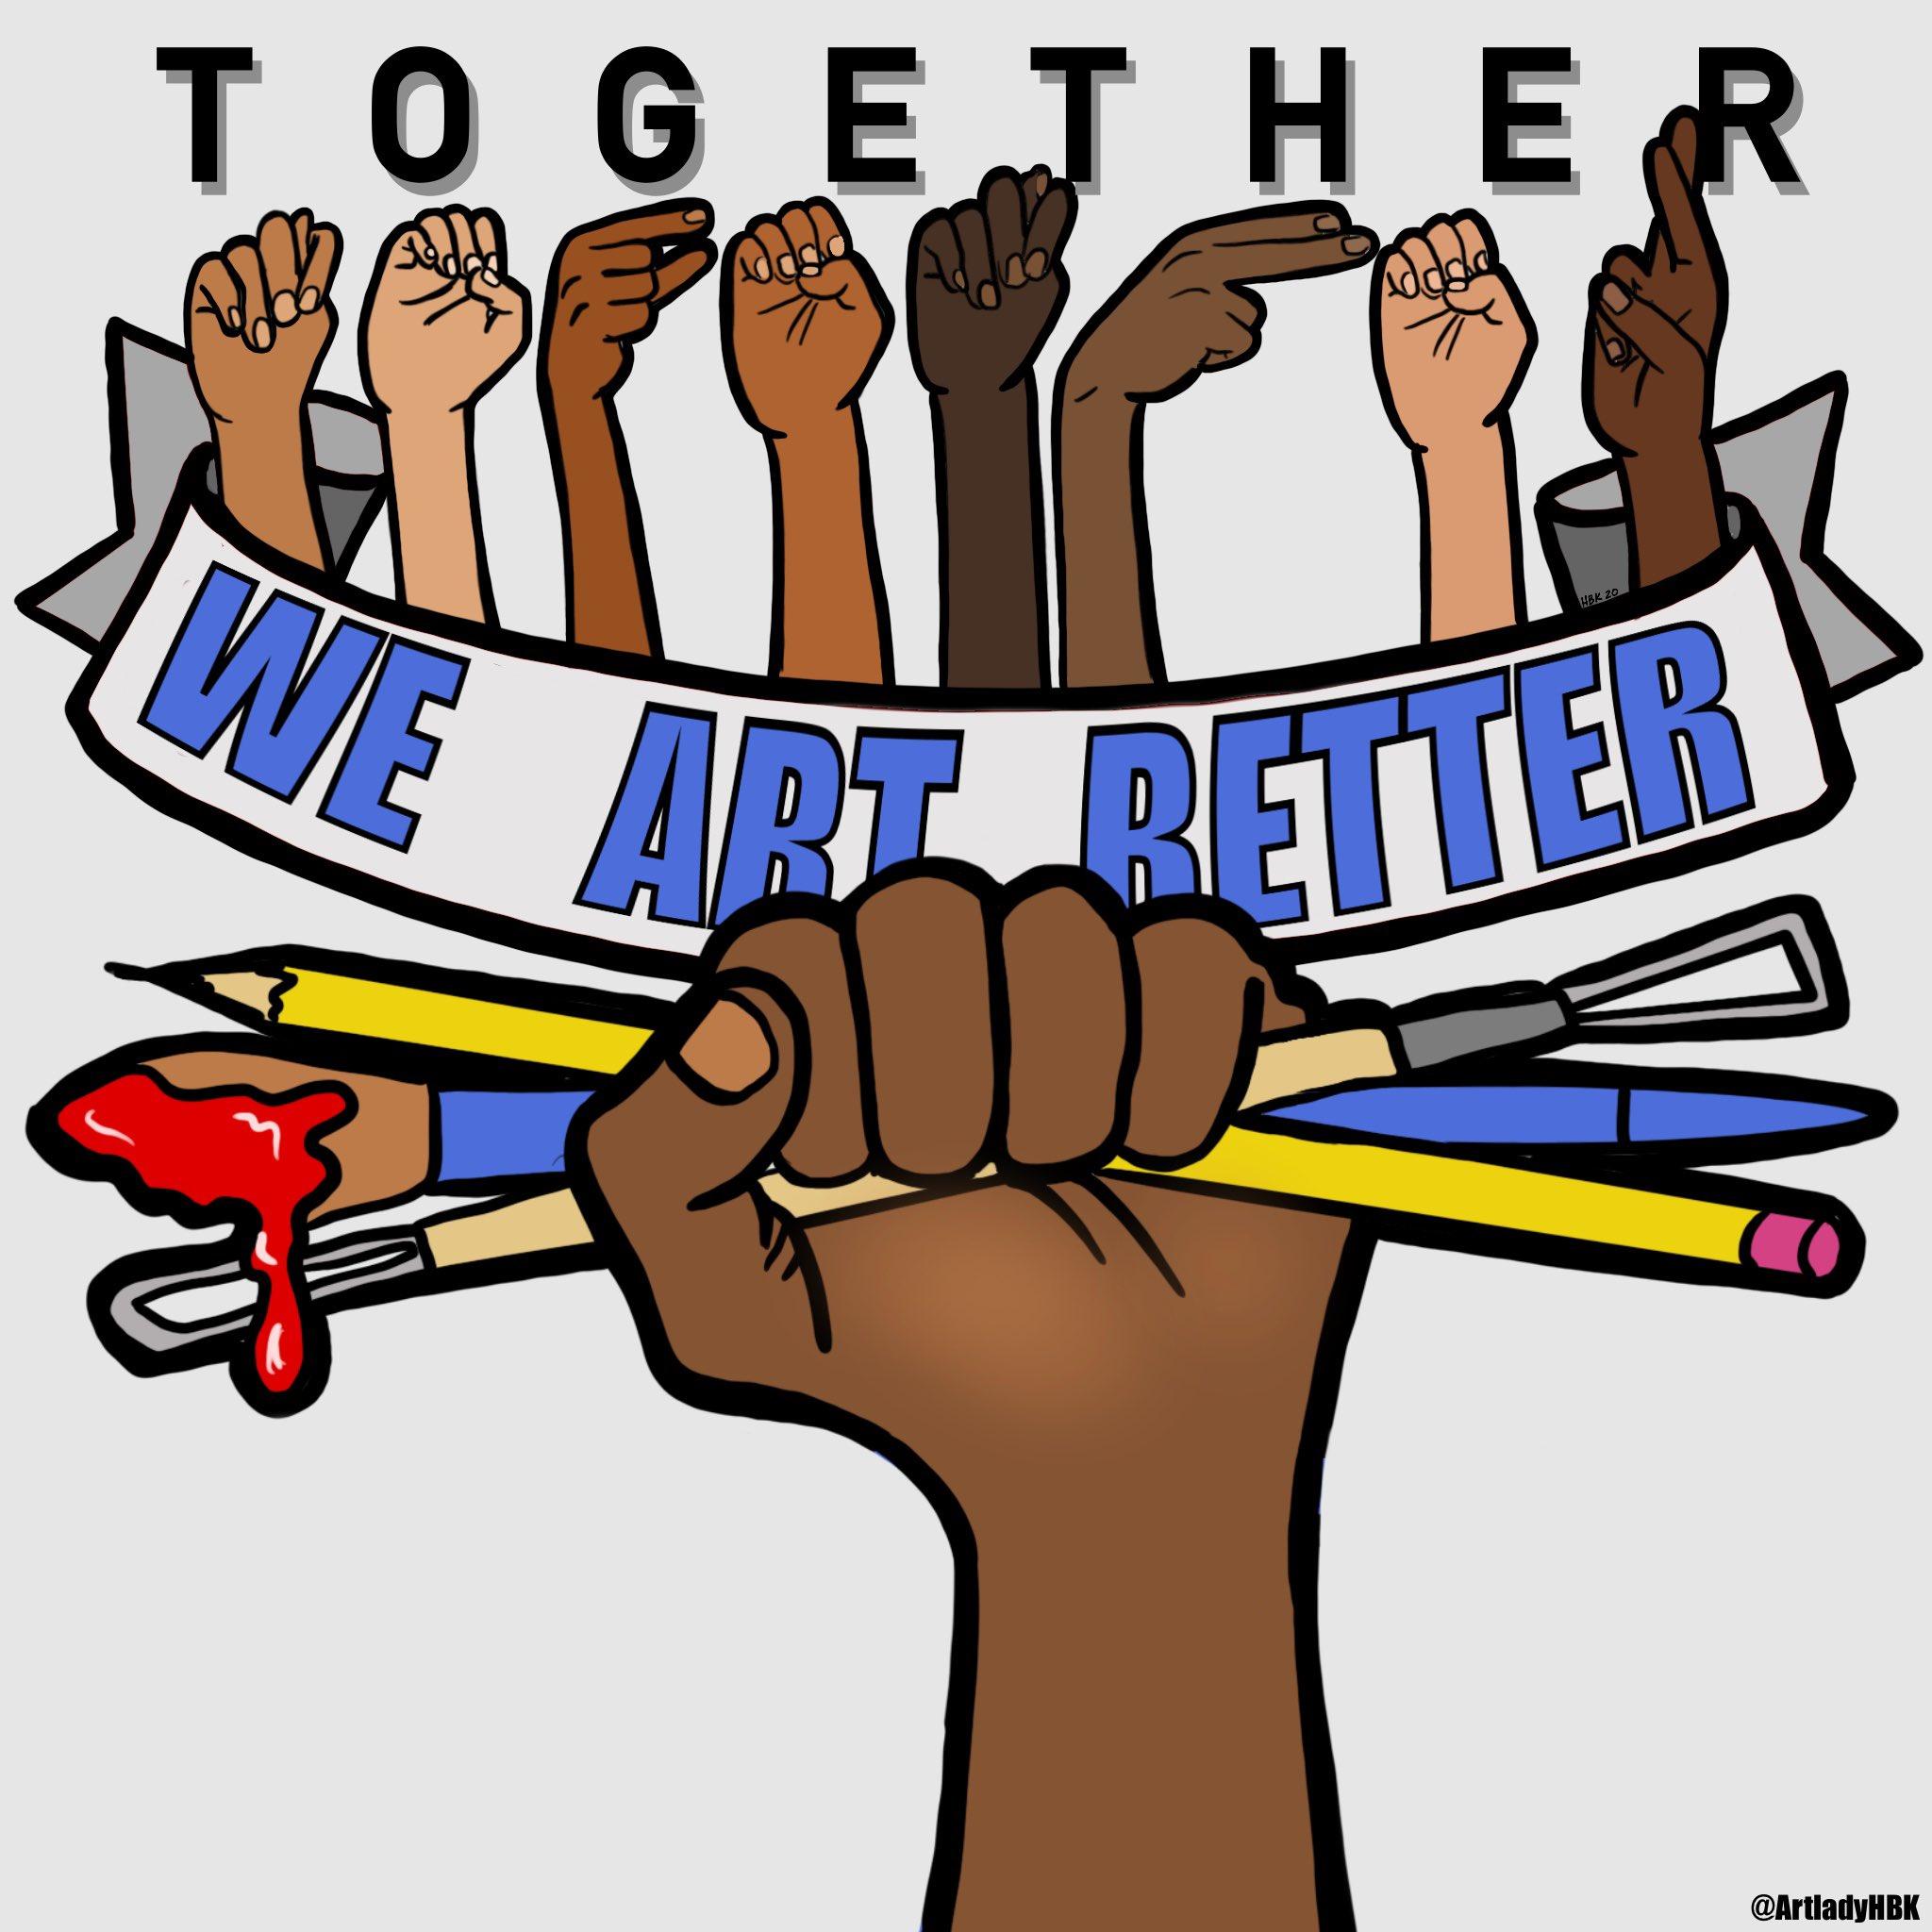 together we art better